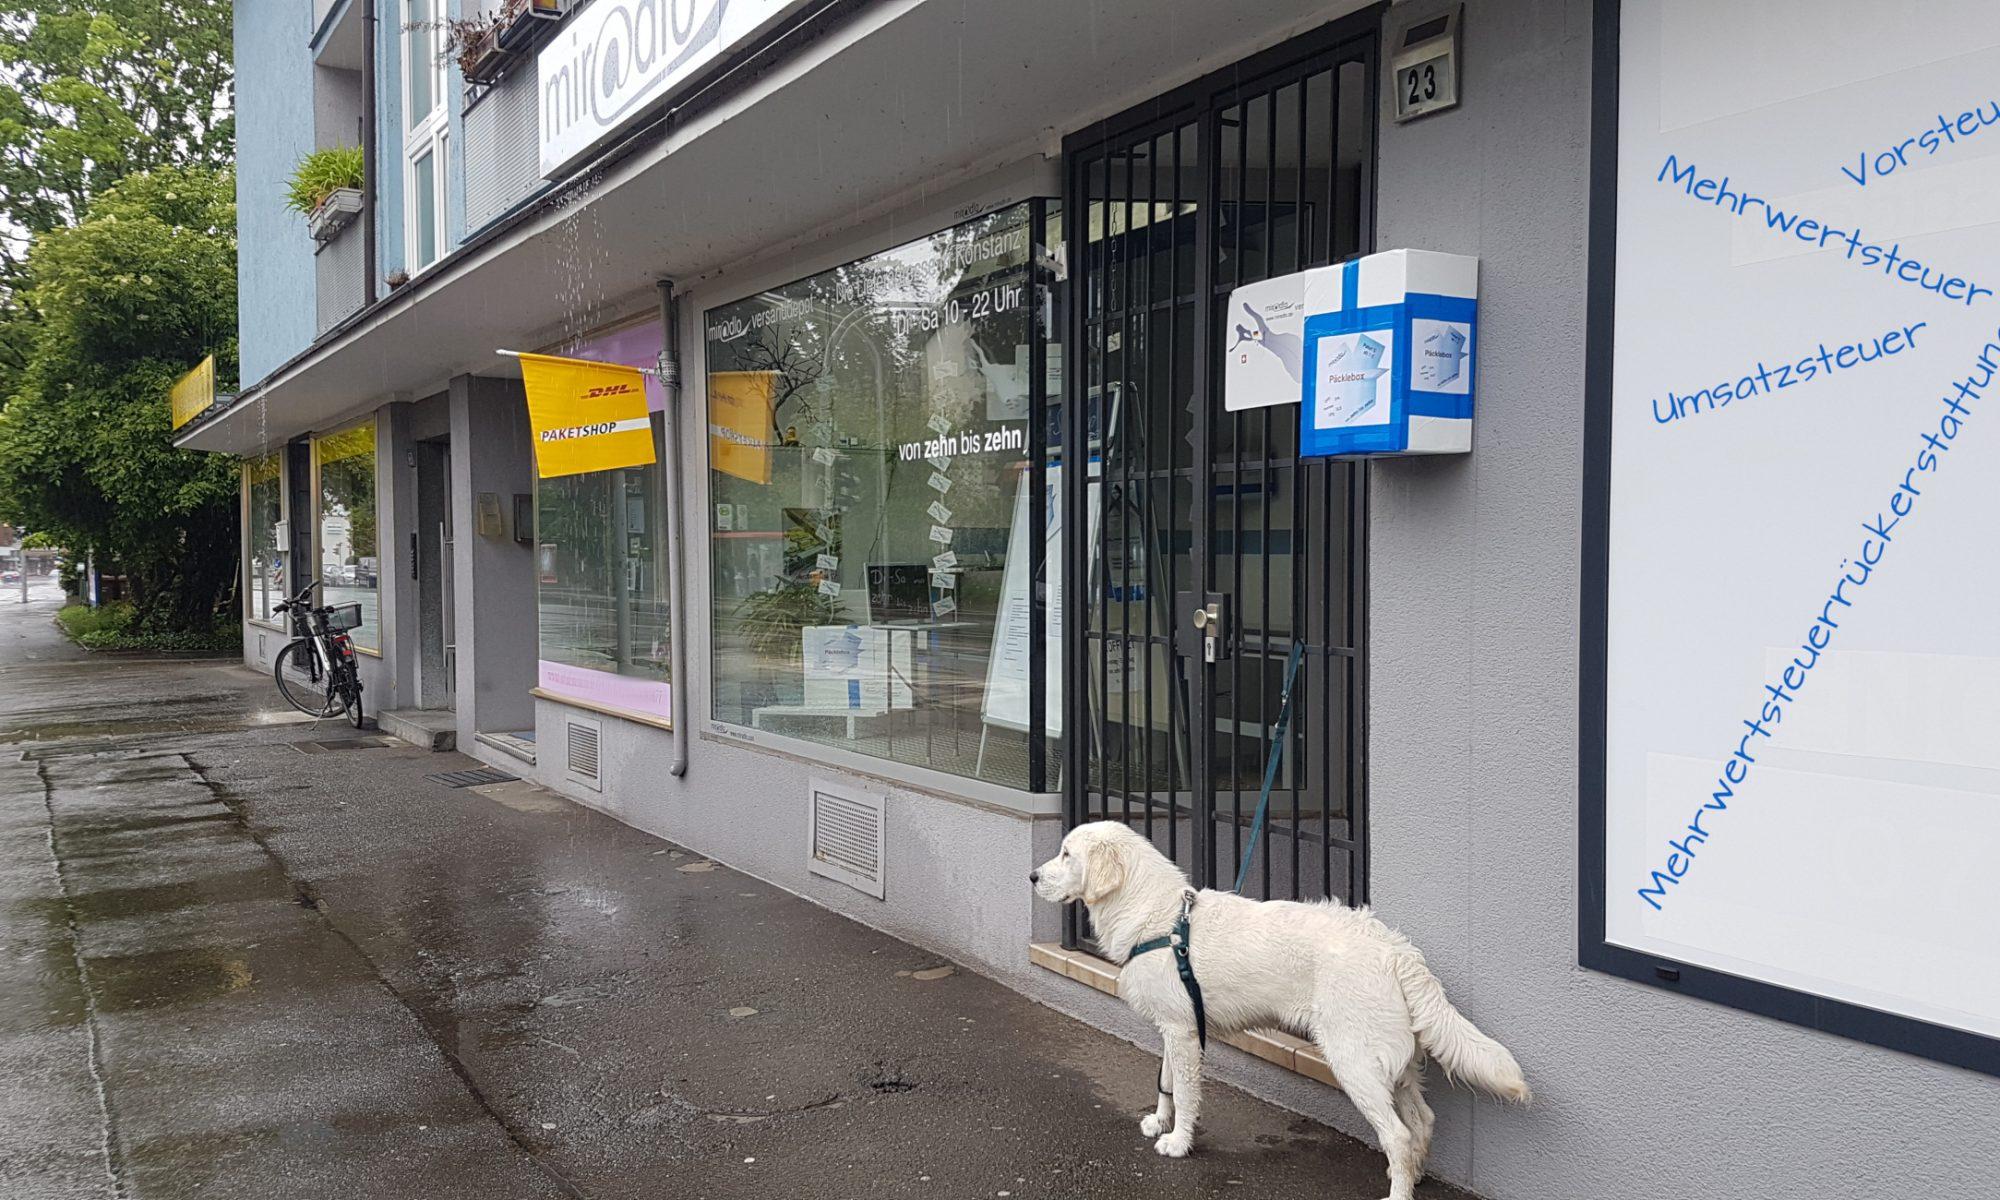 Mehrwertsteuerrückerstattung, Umsatzsteuer, Vorsteuer, Mwst - trockenes Thema mit Regenfoto und nassem Hund visualisiert - miradlo Versanddepot Lieferadresse Konstanz